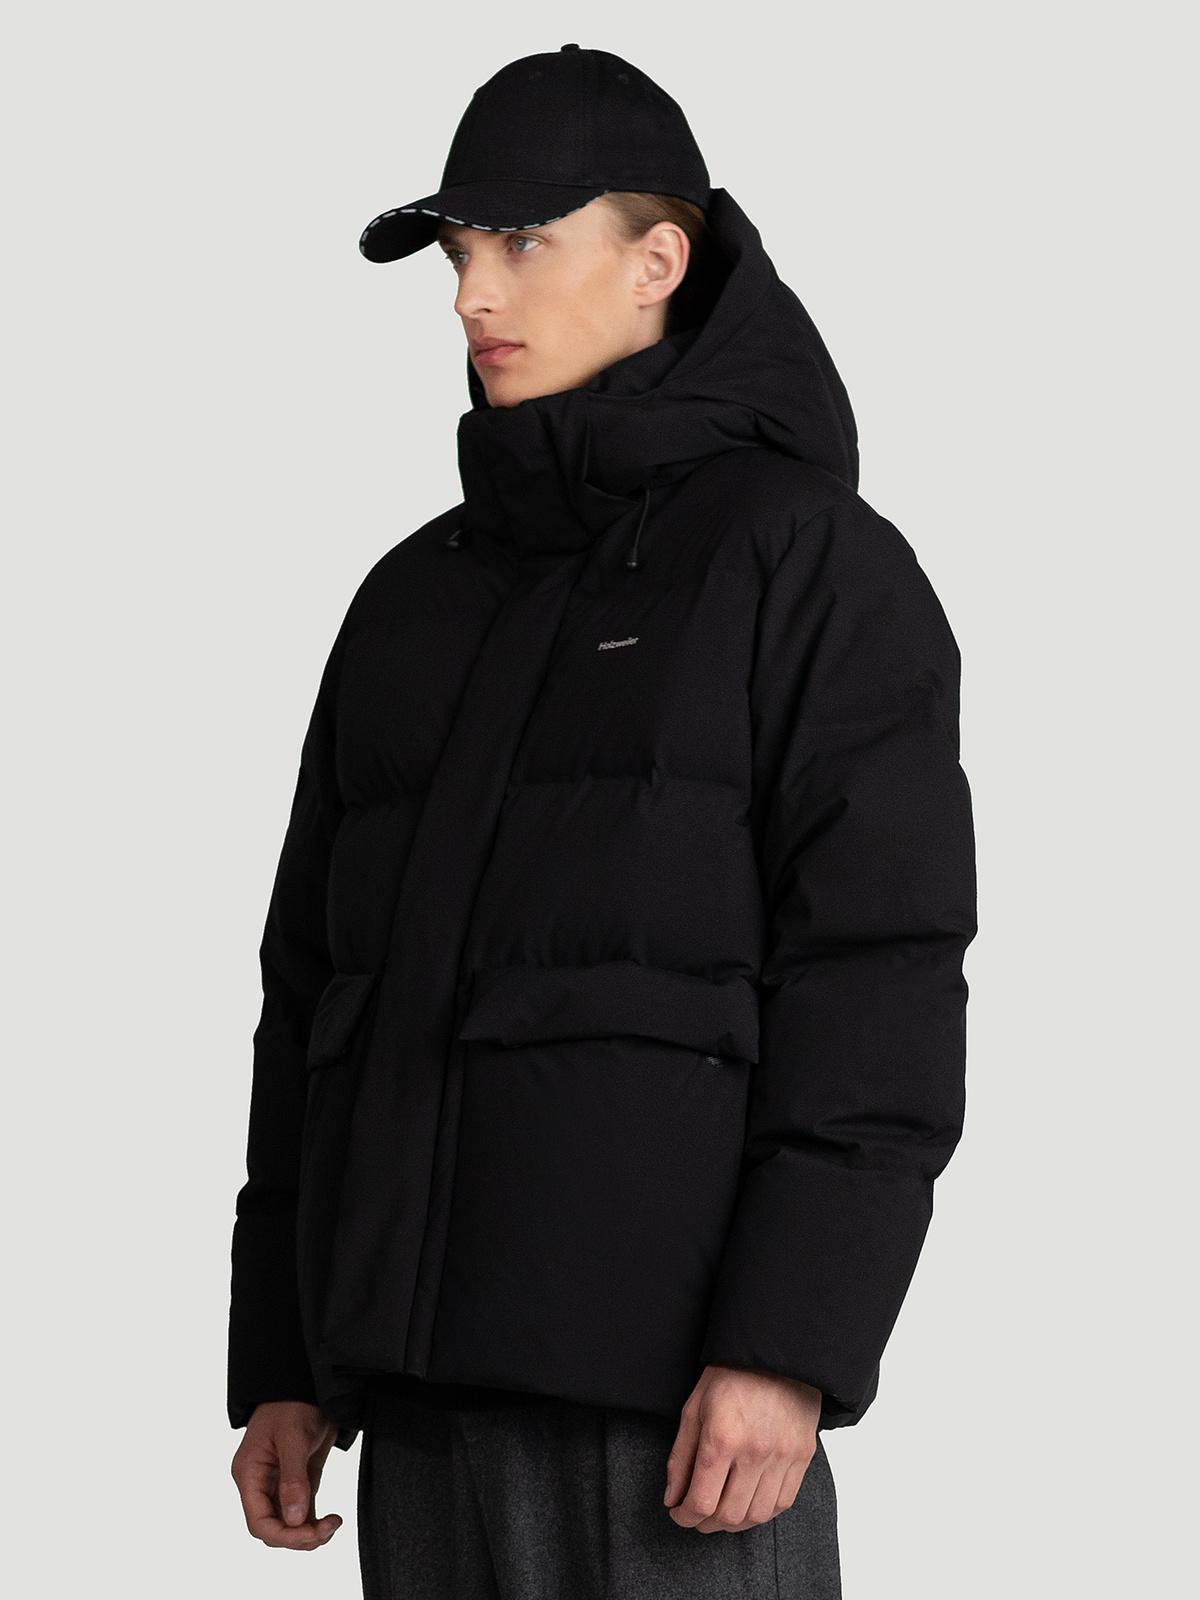 Dovre Down Jacket Black 3